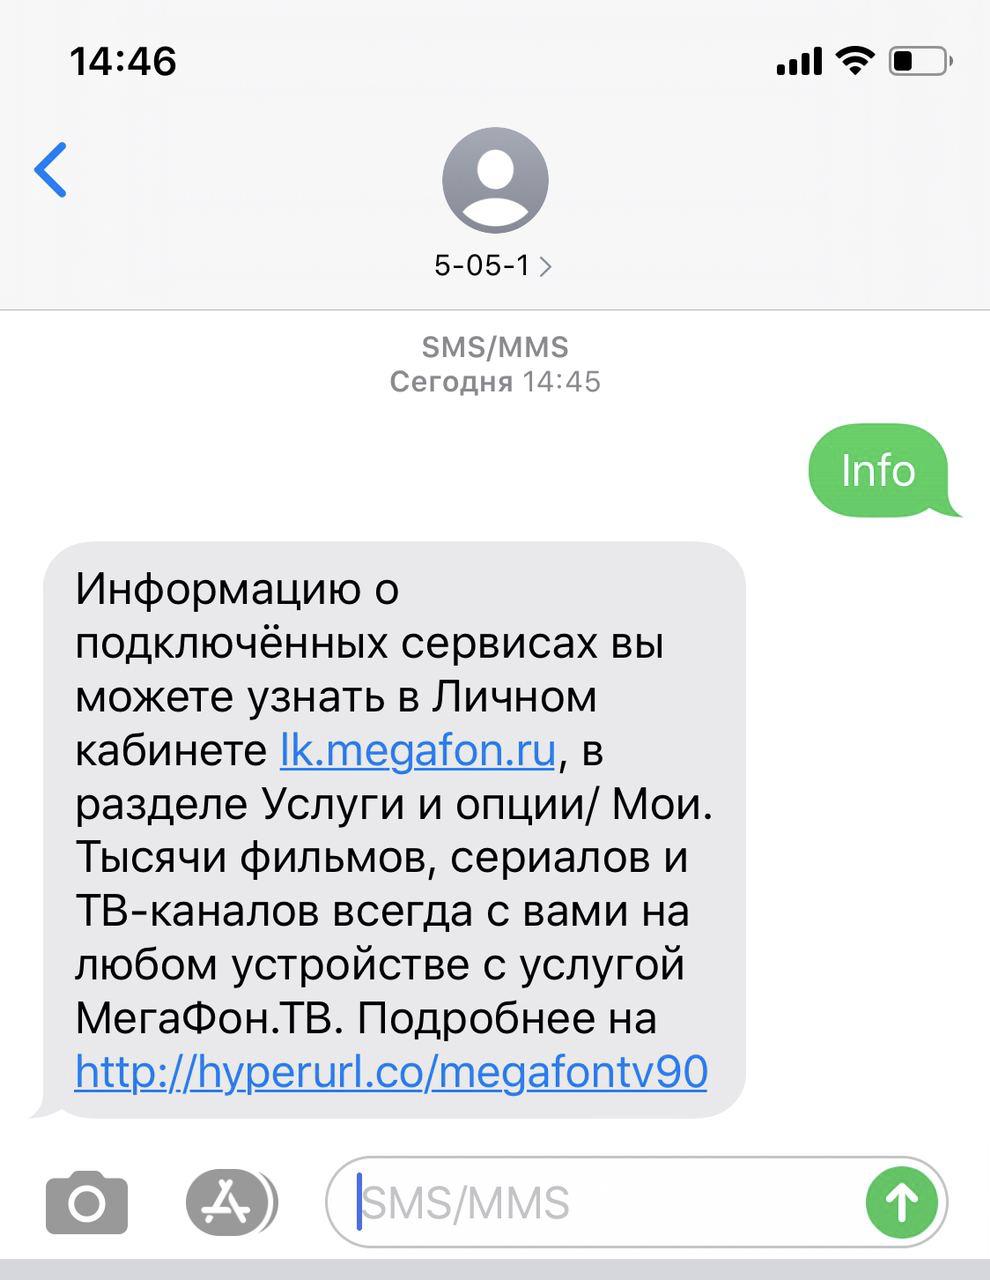 Отправив СМС с текстом «INFO»